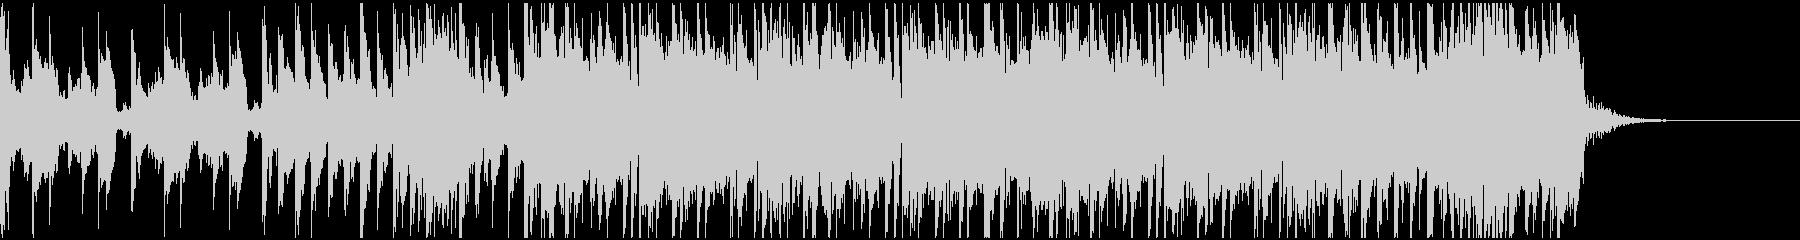 ハードでドラムンベースなジングルの未再生の波形